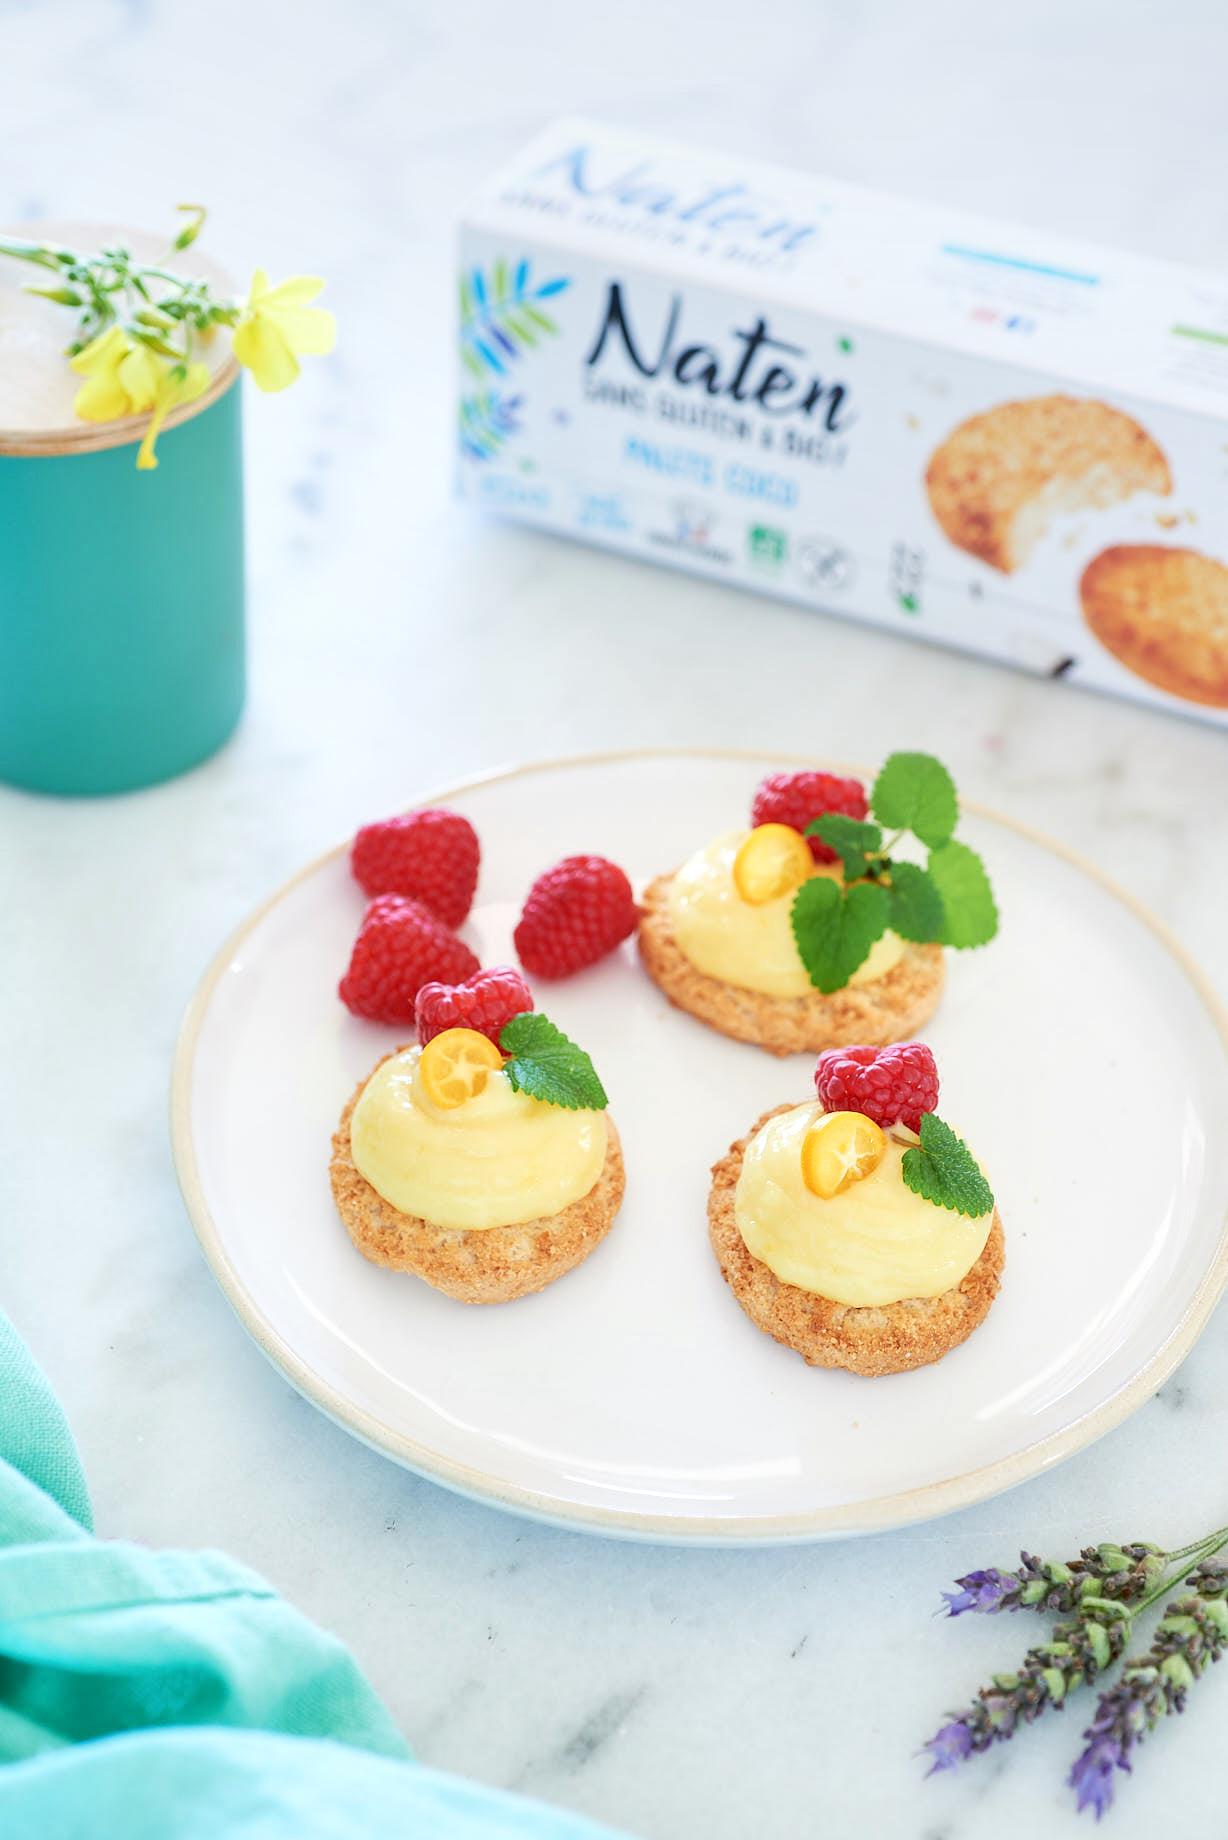 photo publicitaire de tartelettes au citron pour Naten